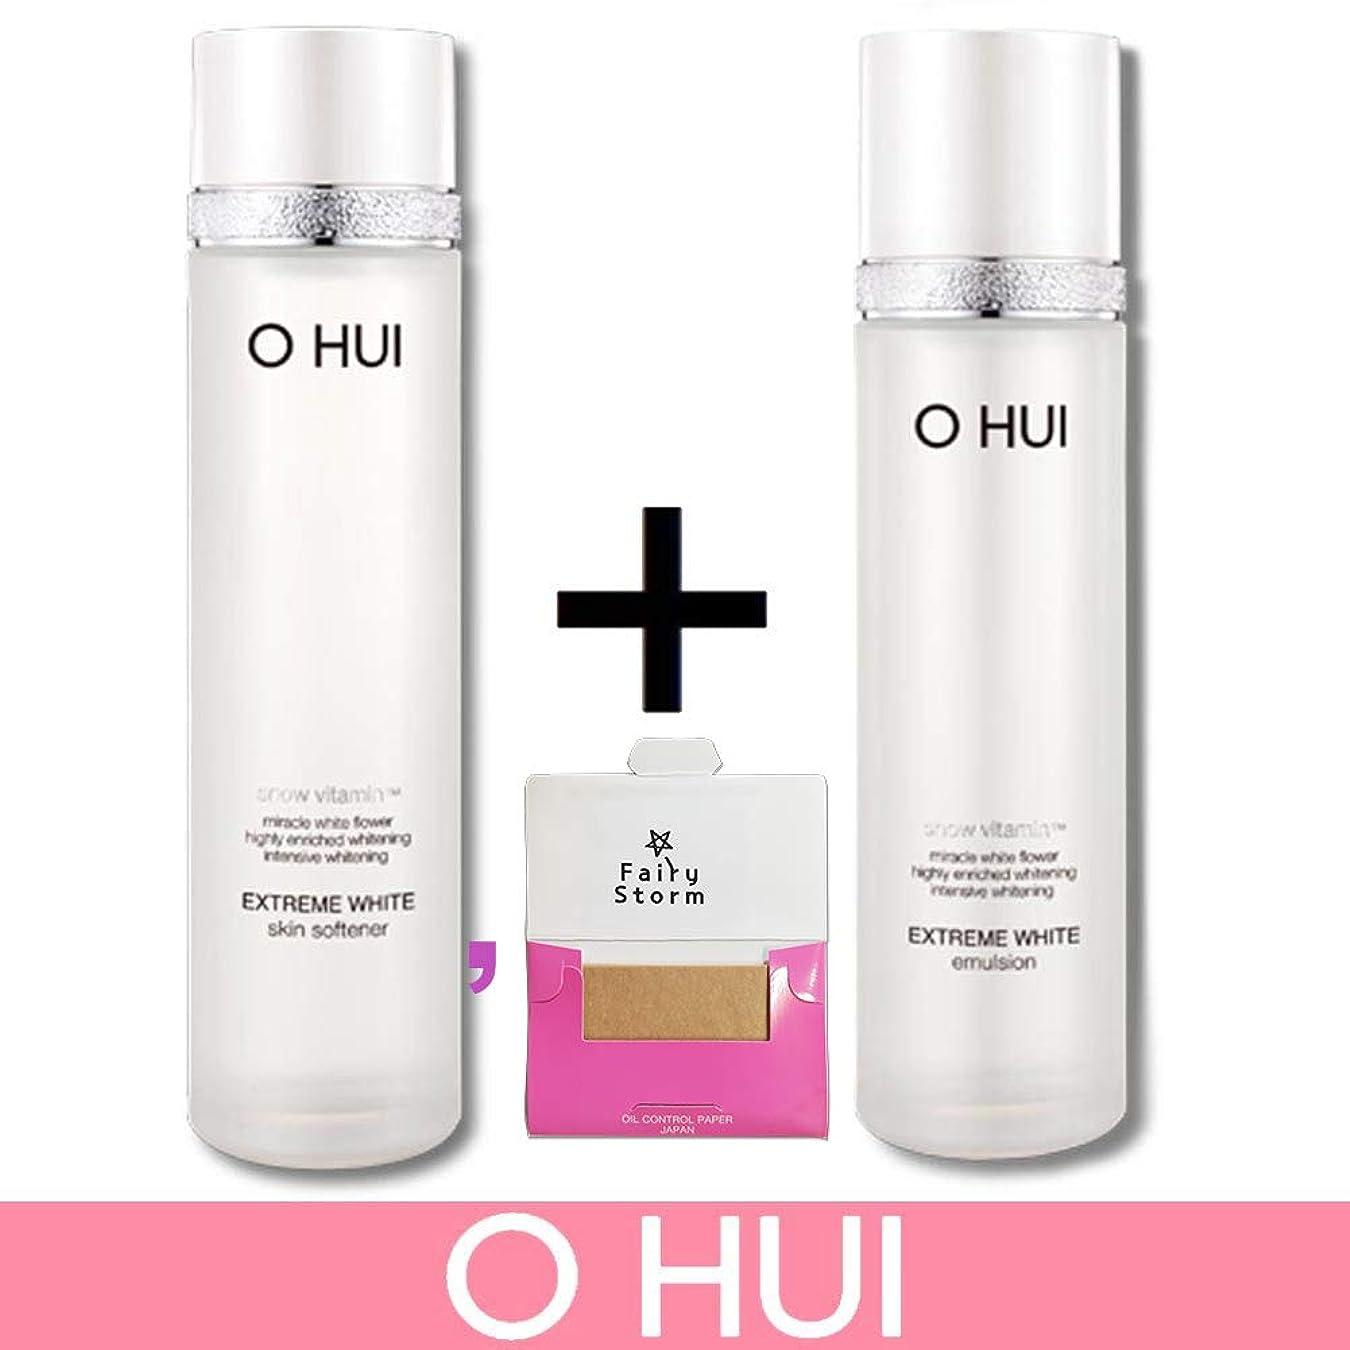 同様に溶かすピッチ[オフィ/ O HUI]韓国化粧品 LG生活健康/ OHUI Extreme White Skin Softener+ EMULSION/エクストリームホワイトスキンソフナー150ml+エマルジョン130ml+[Sample Gift](海外直送品)